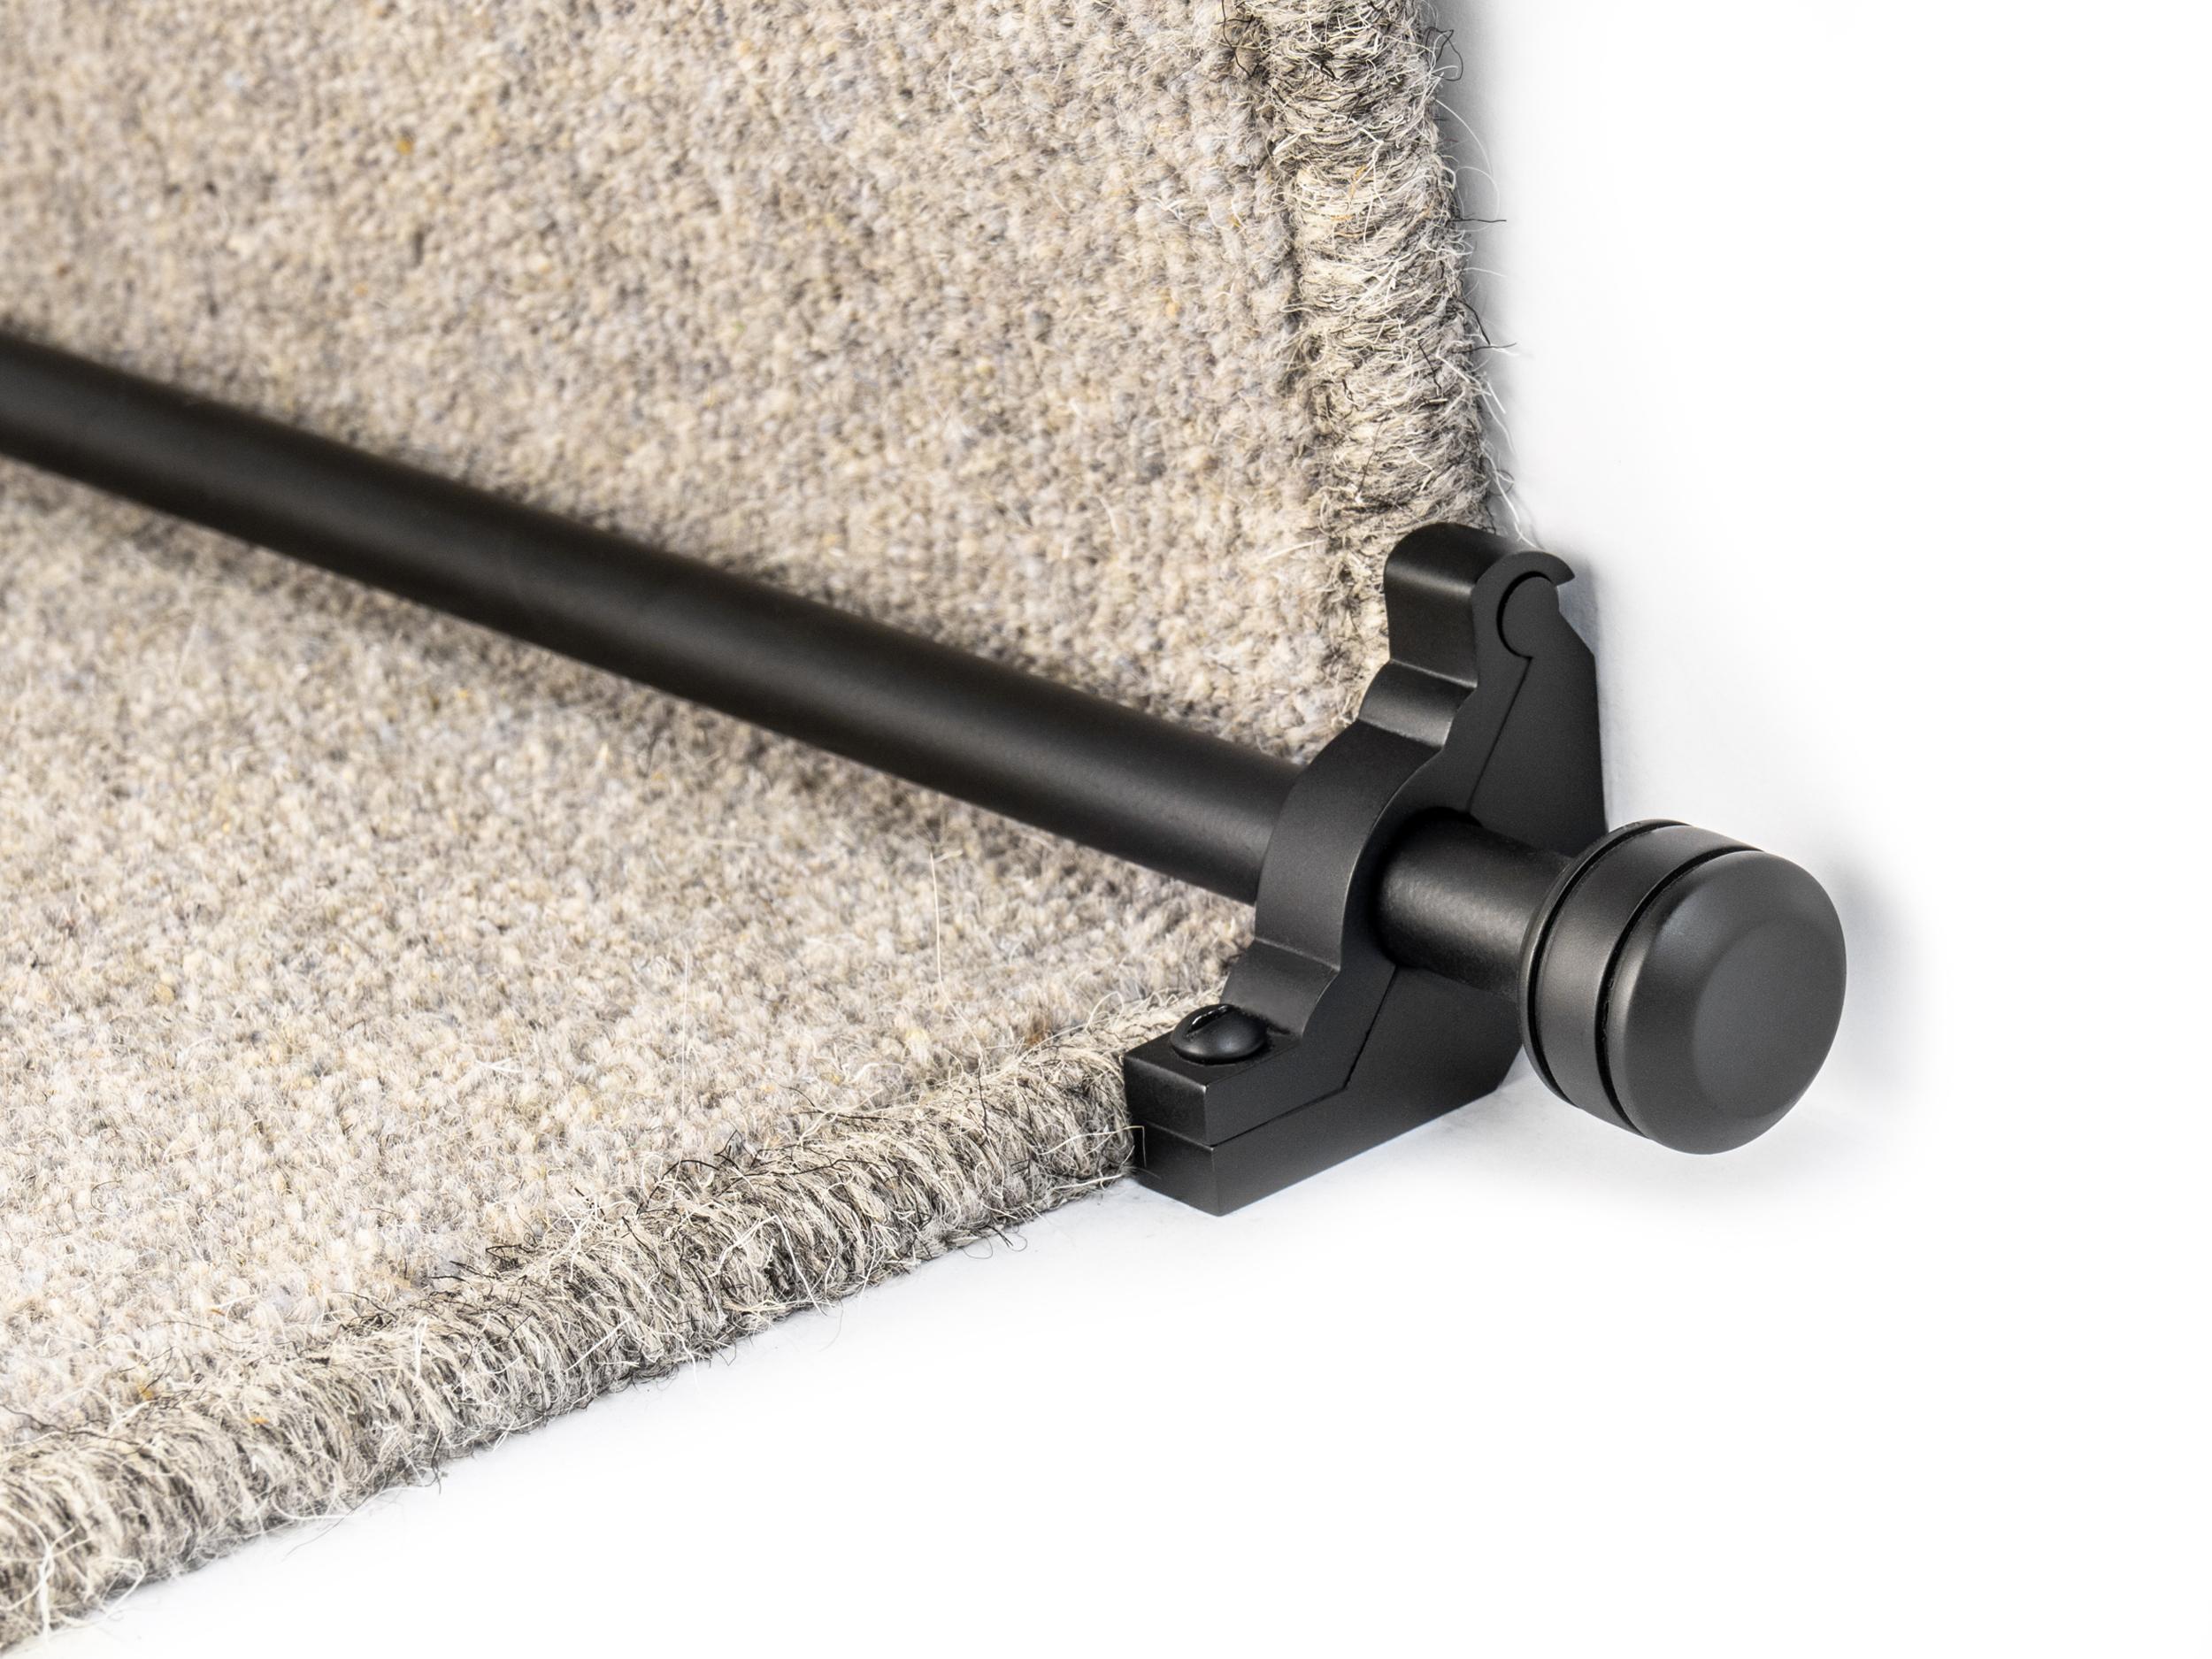 stairrods-black-vision-piston-plain.jpg